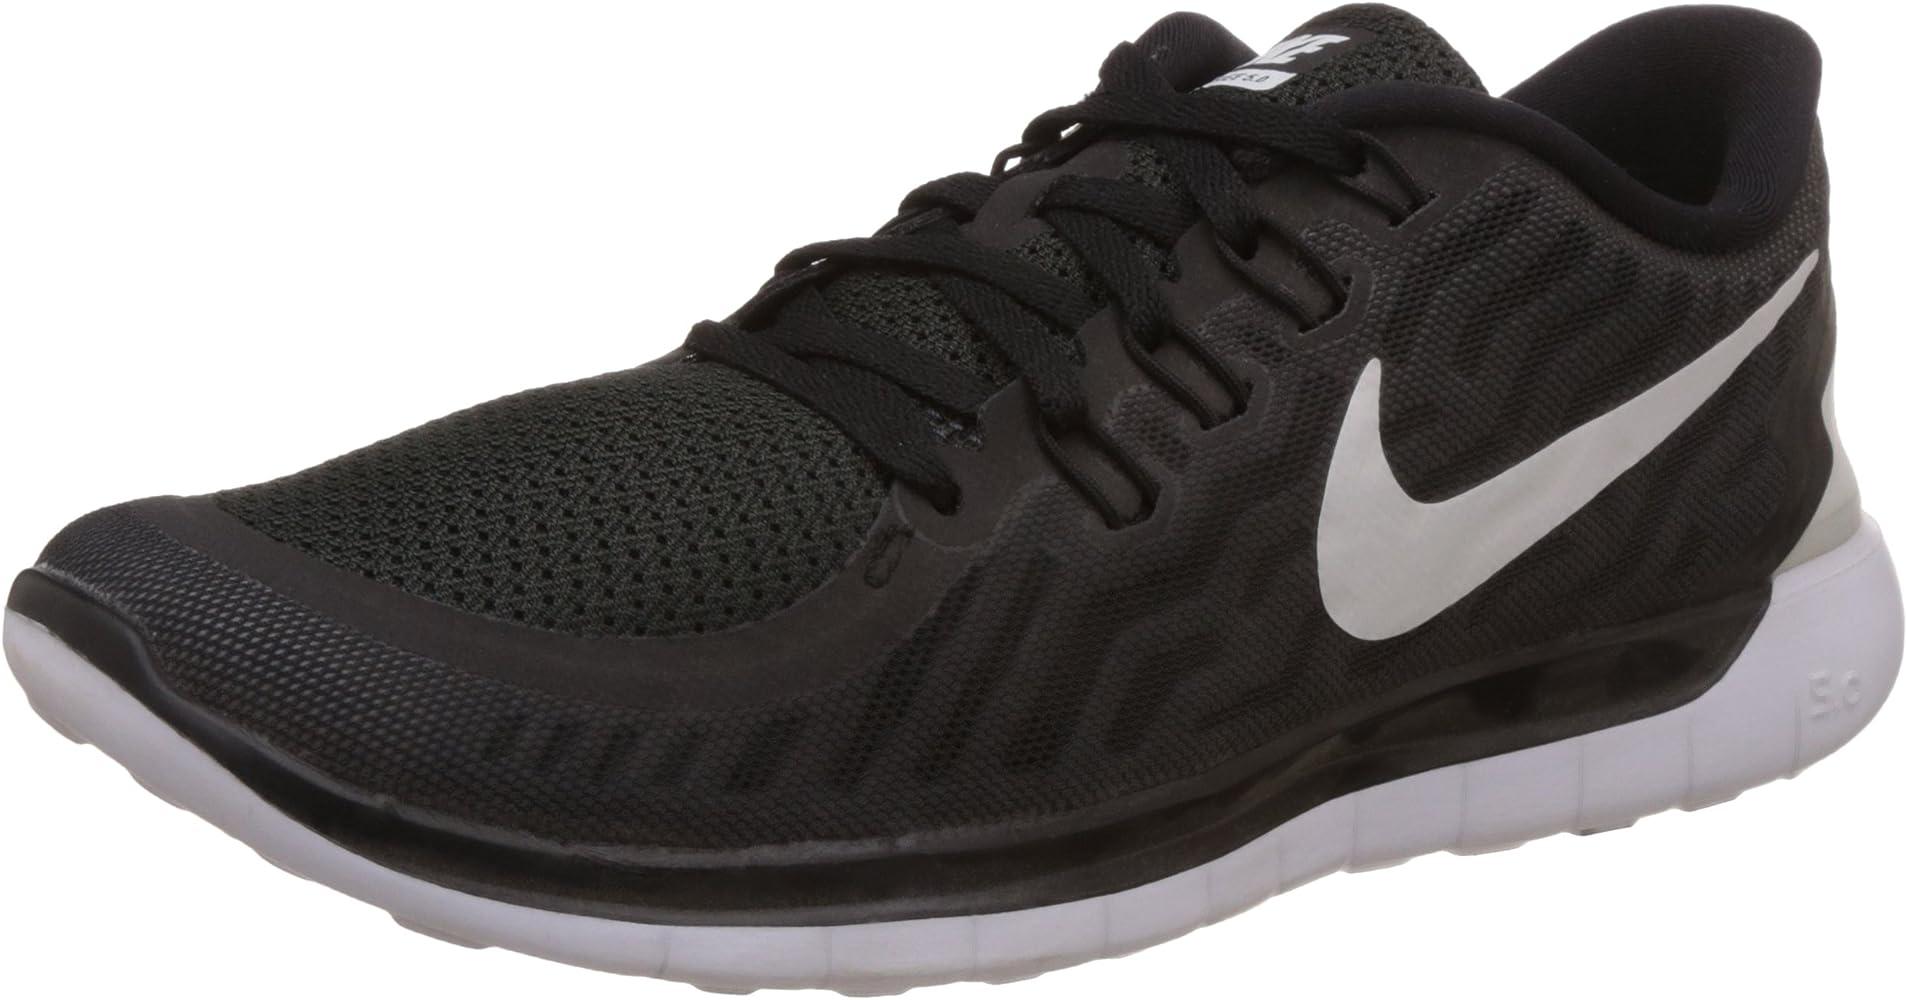 Nike Herren Free 5.0 Laufschuhe Schwarz/Dunkles Kühles Grau/Weiß 002 ...